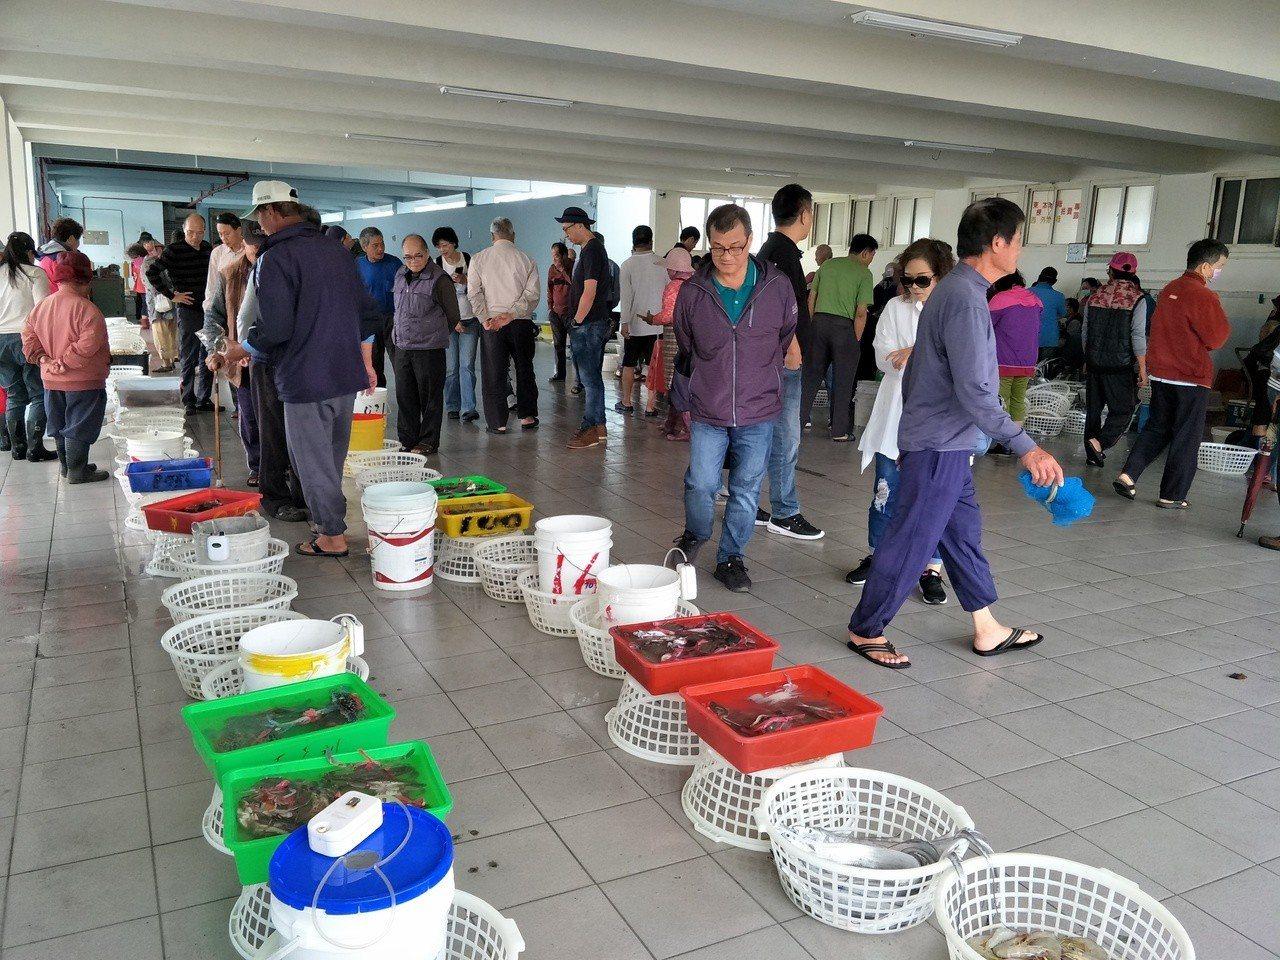 台南將軍青山漁港拍賣場各類魚貨魚貫等待拍賣。記者謝進盛/攝影